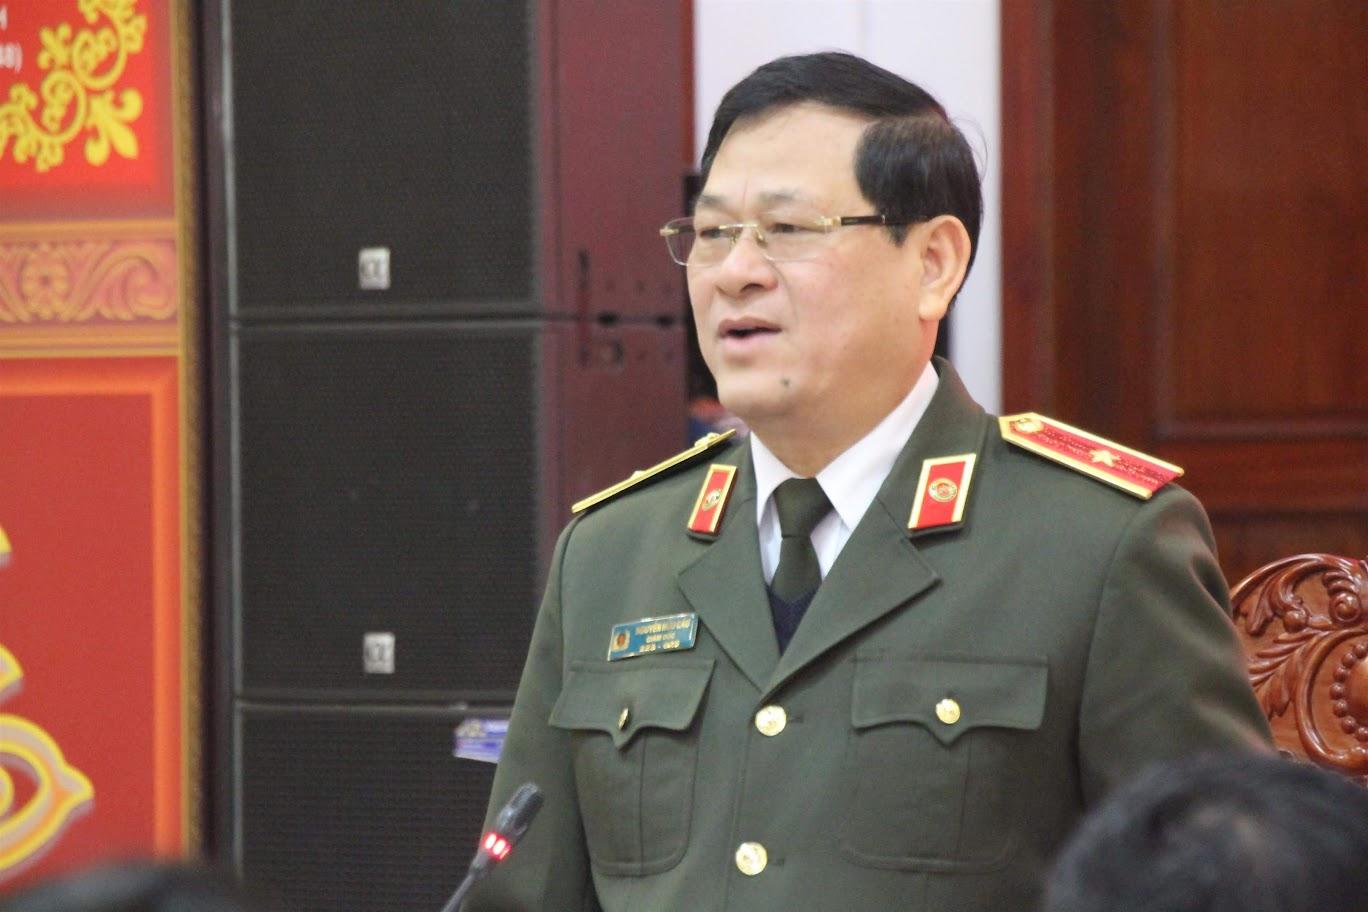 Đồng chí Thiếu tướng Nguyễn Hữu Cầu, Giám đốc Công an tỉnh chỉ đạo cuộc họp